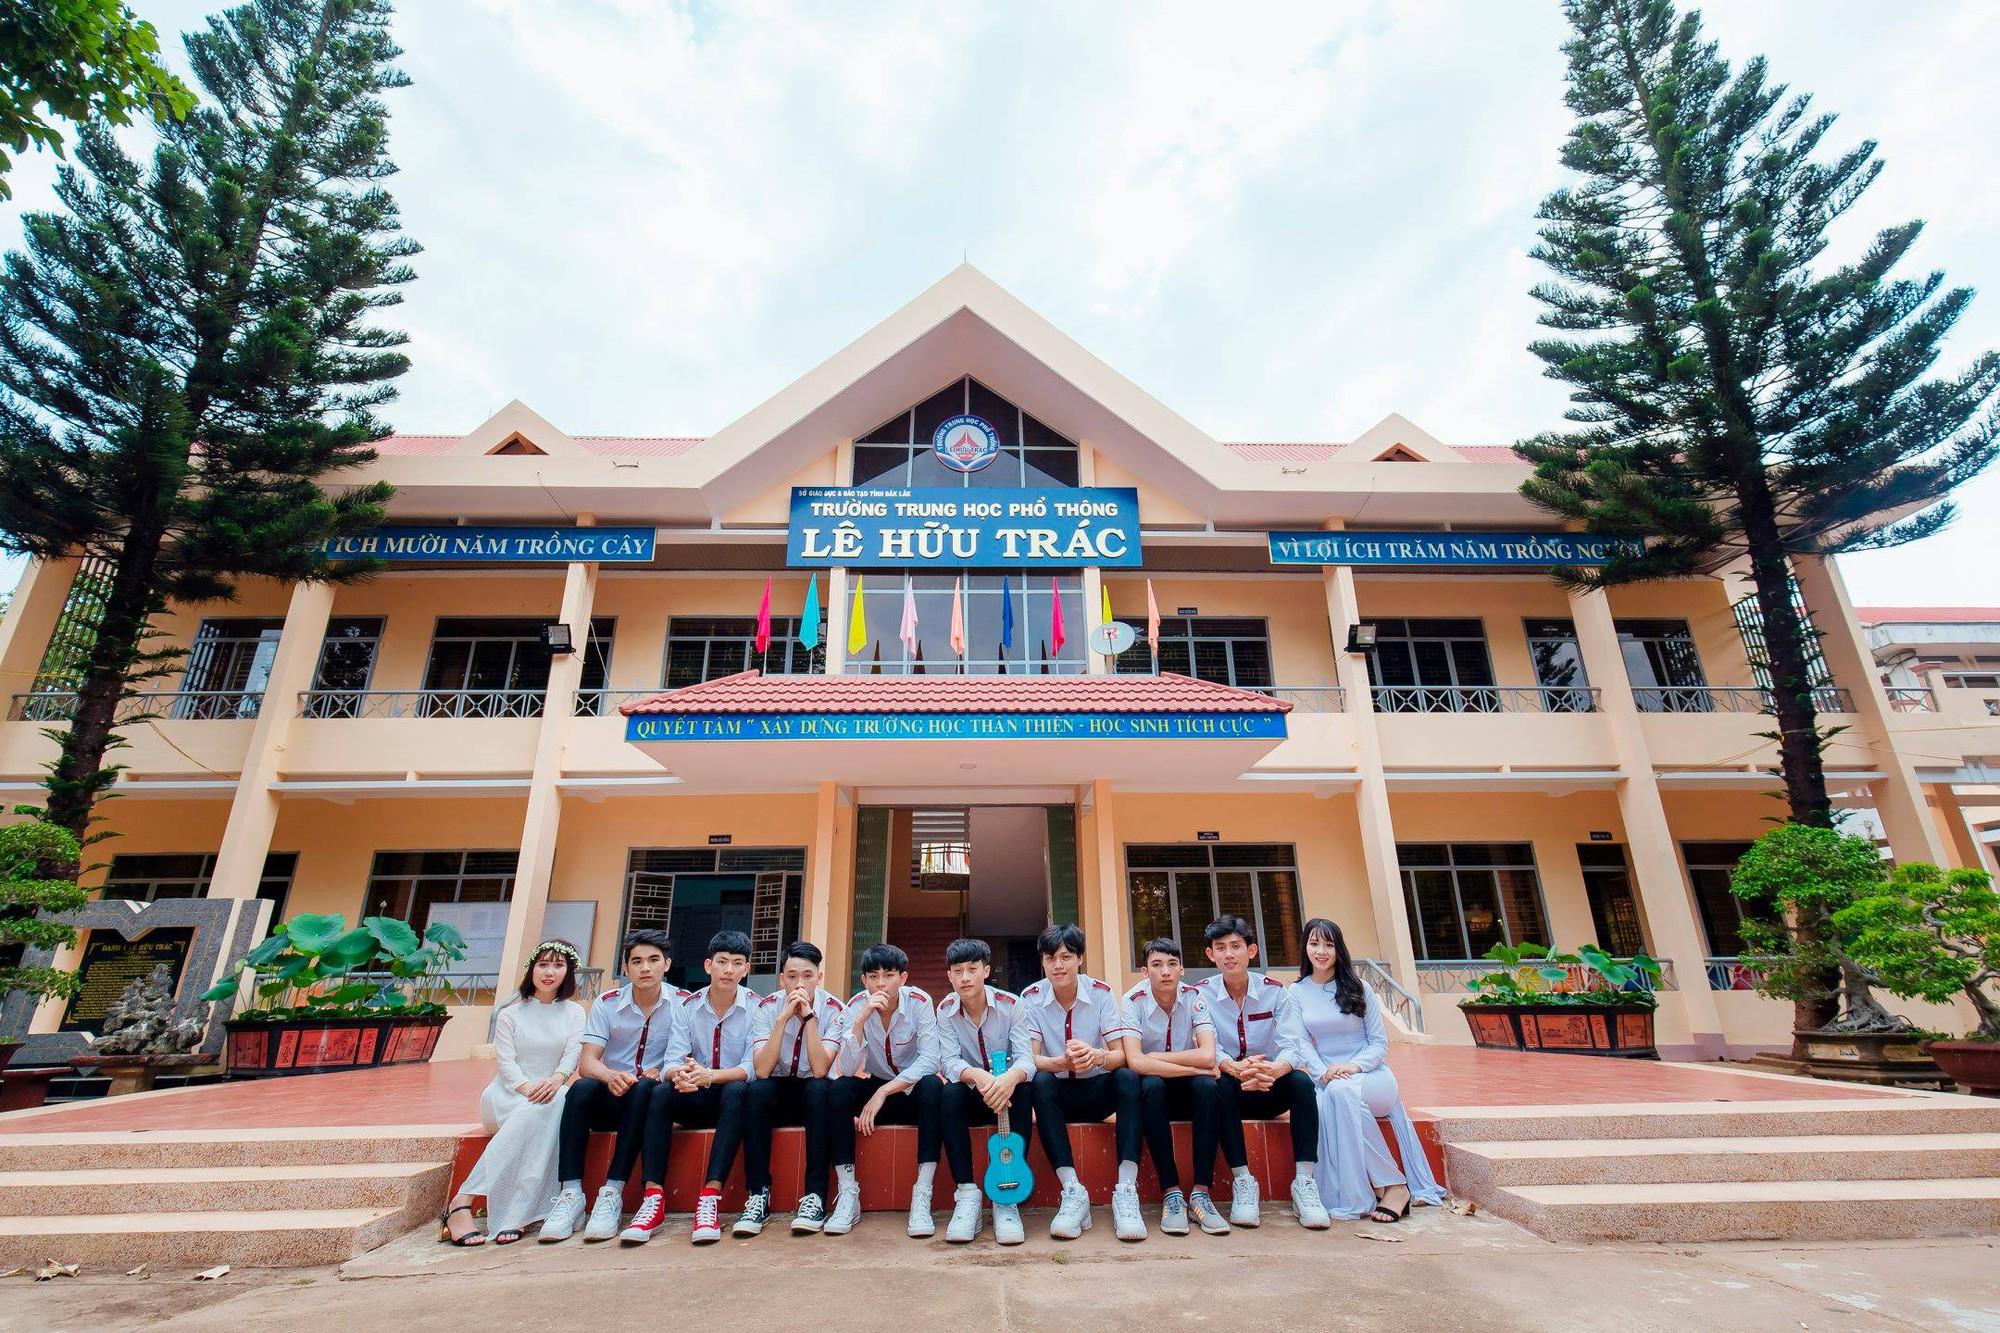 Mặc sơ mi trắng nhảy Panama siêu đẹp, nhóm nam sinh phố núi Đắk Lắk thể hiện độ chất chơi không kém ai - Ảnh 7.